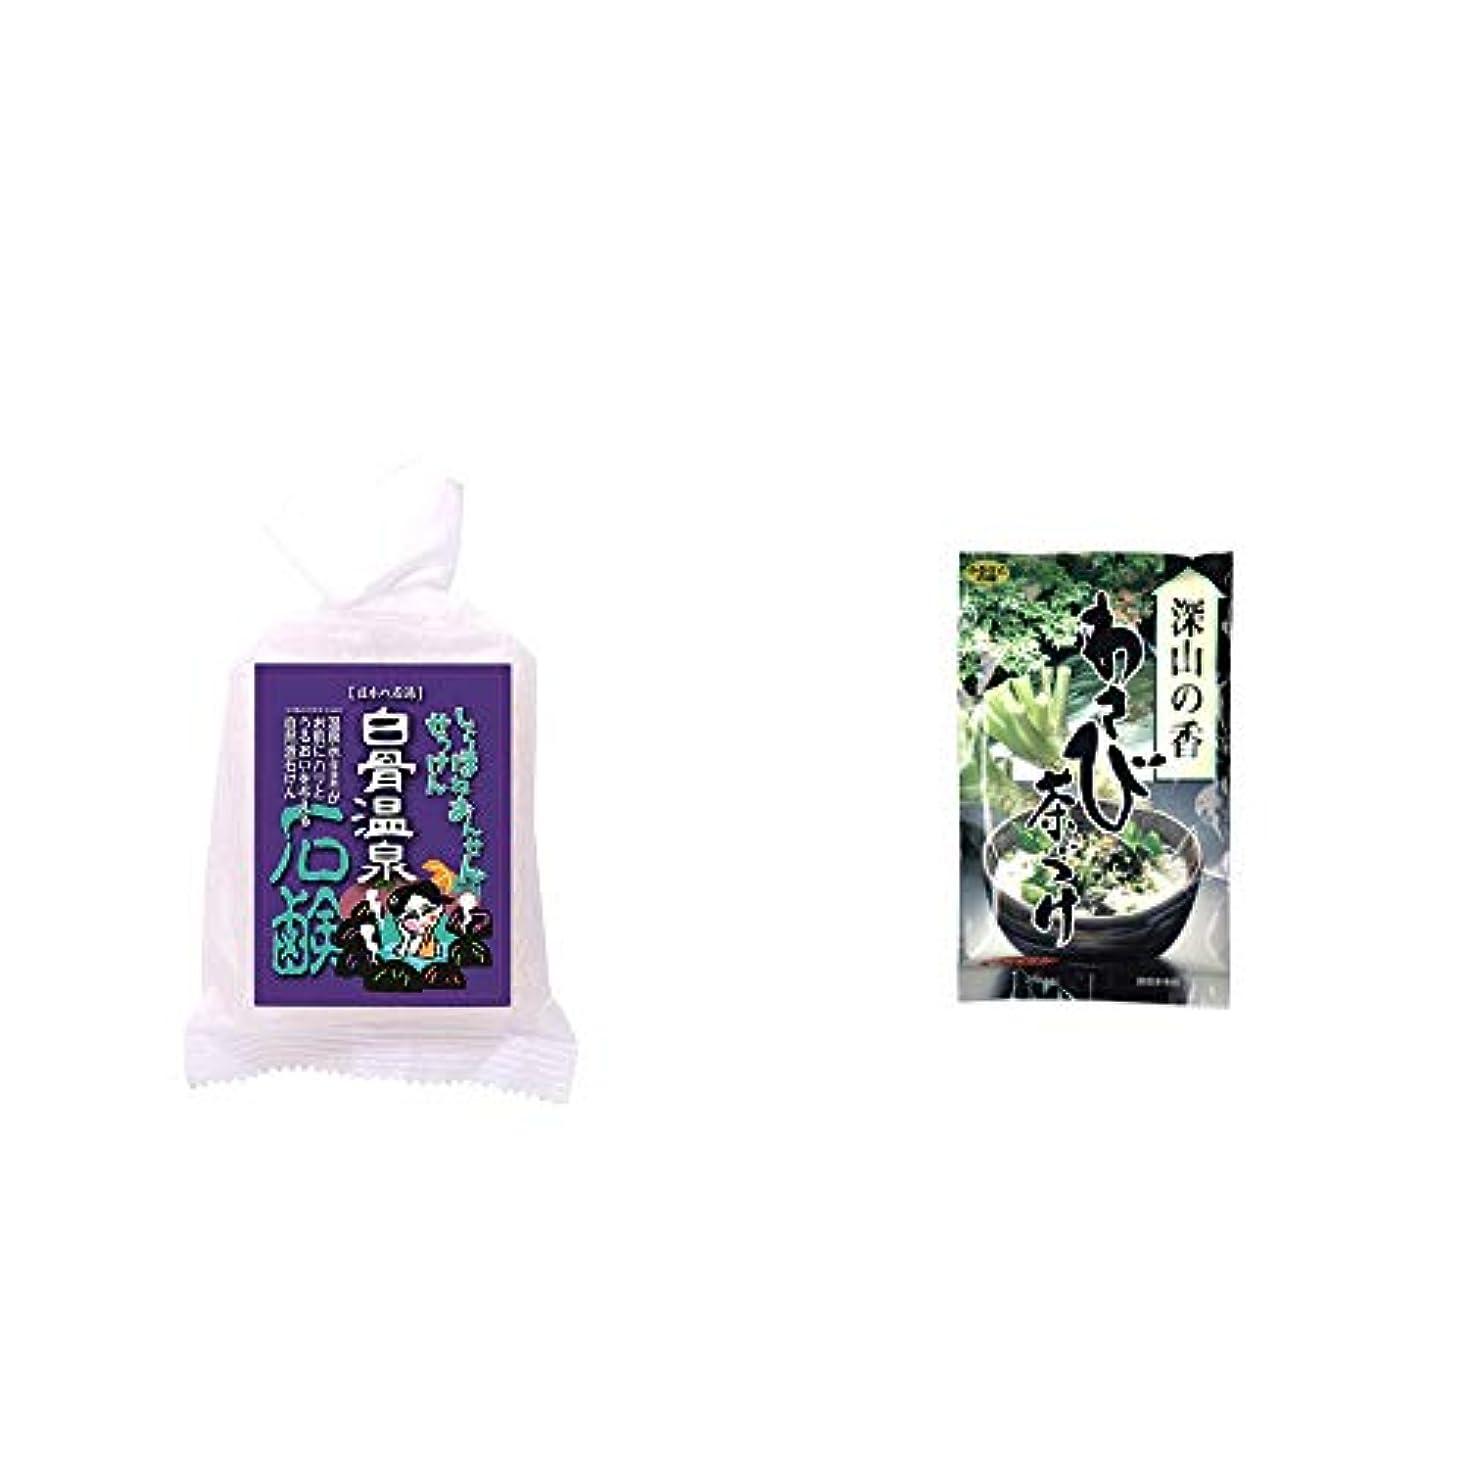 神聖検出器分解する[2点セット] 信州 白骨温泉石鹸(80g)?特選茶漬け 深山の香 わさび茶づけ(10袋入)